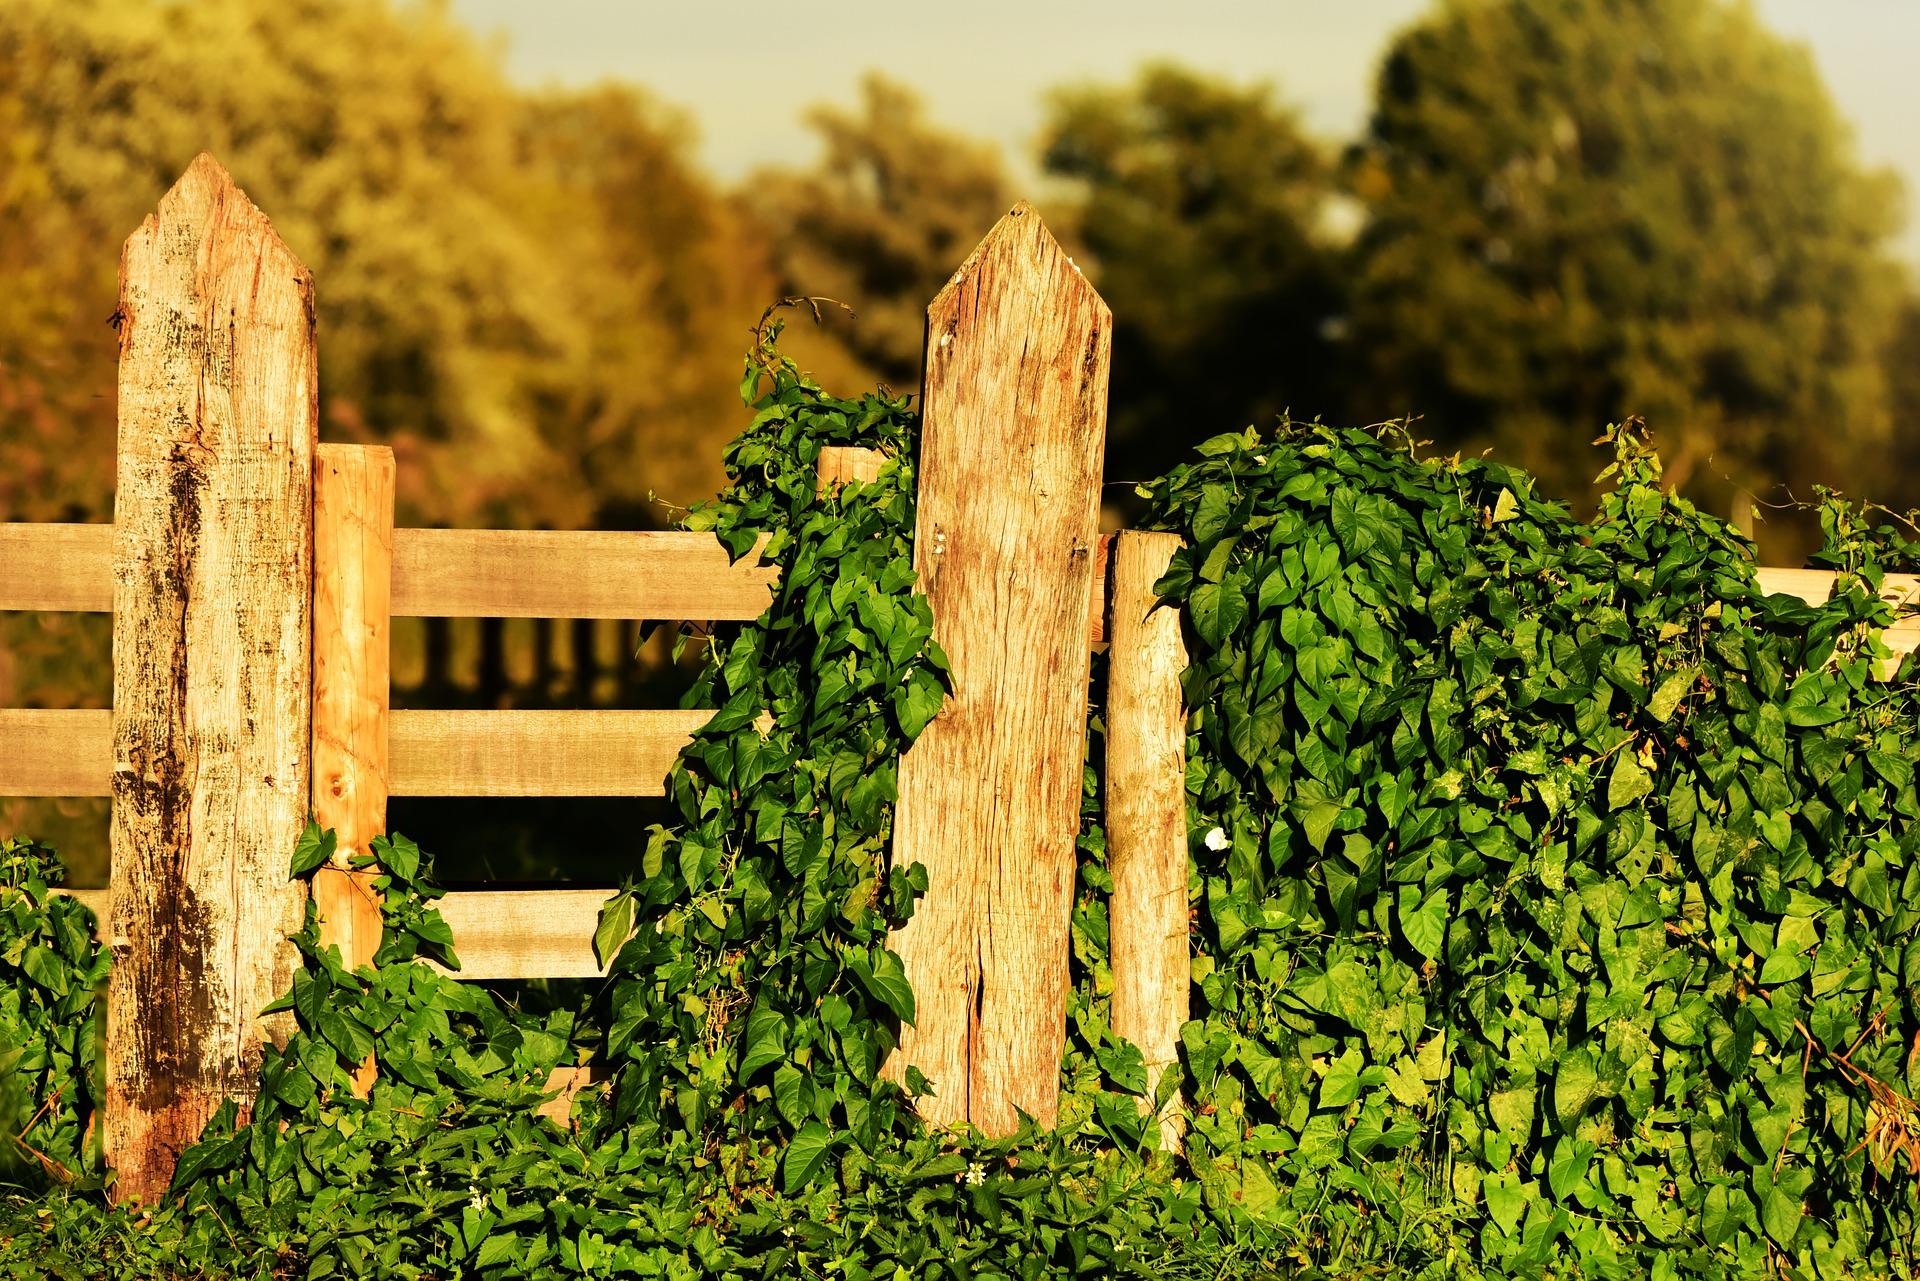 wooden-gate-3682960_1920